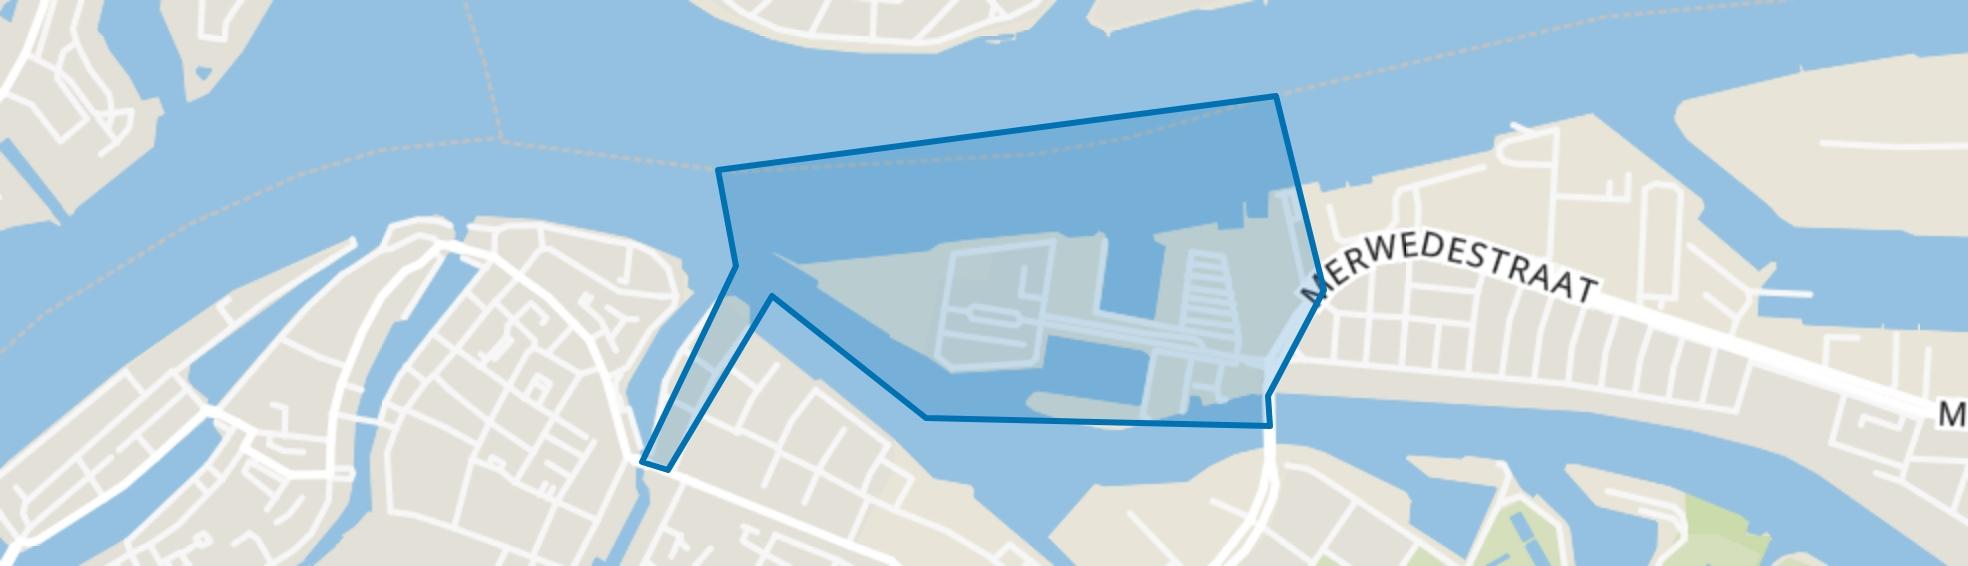 Stadswerven, Dordrecht map